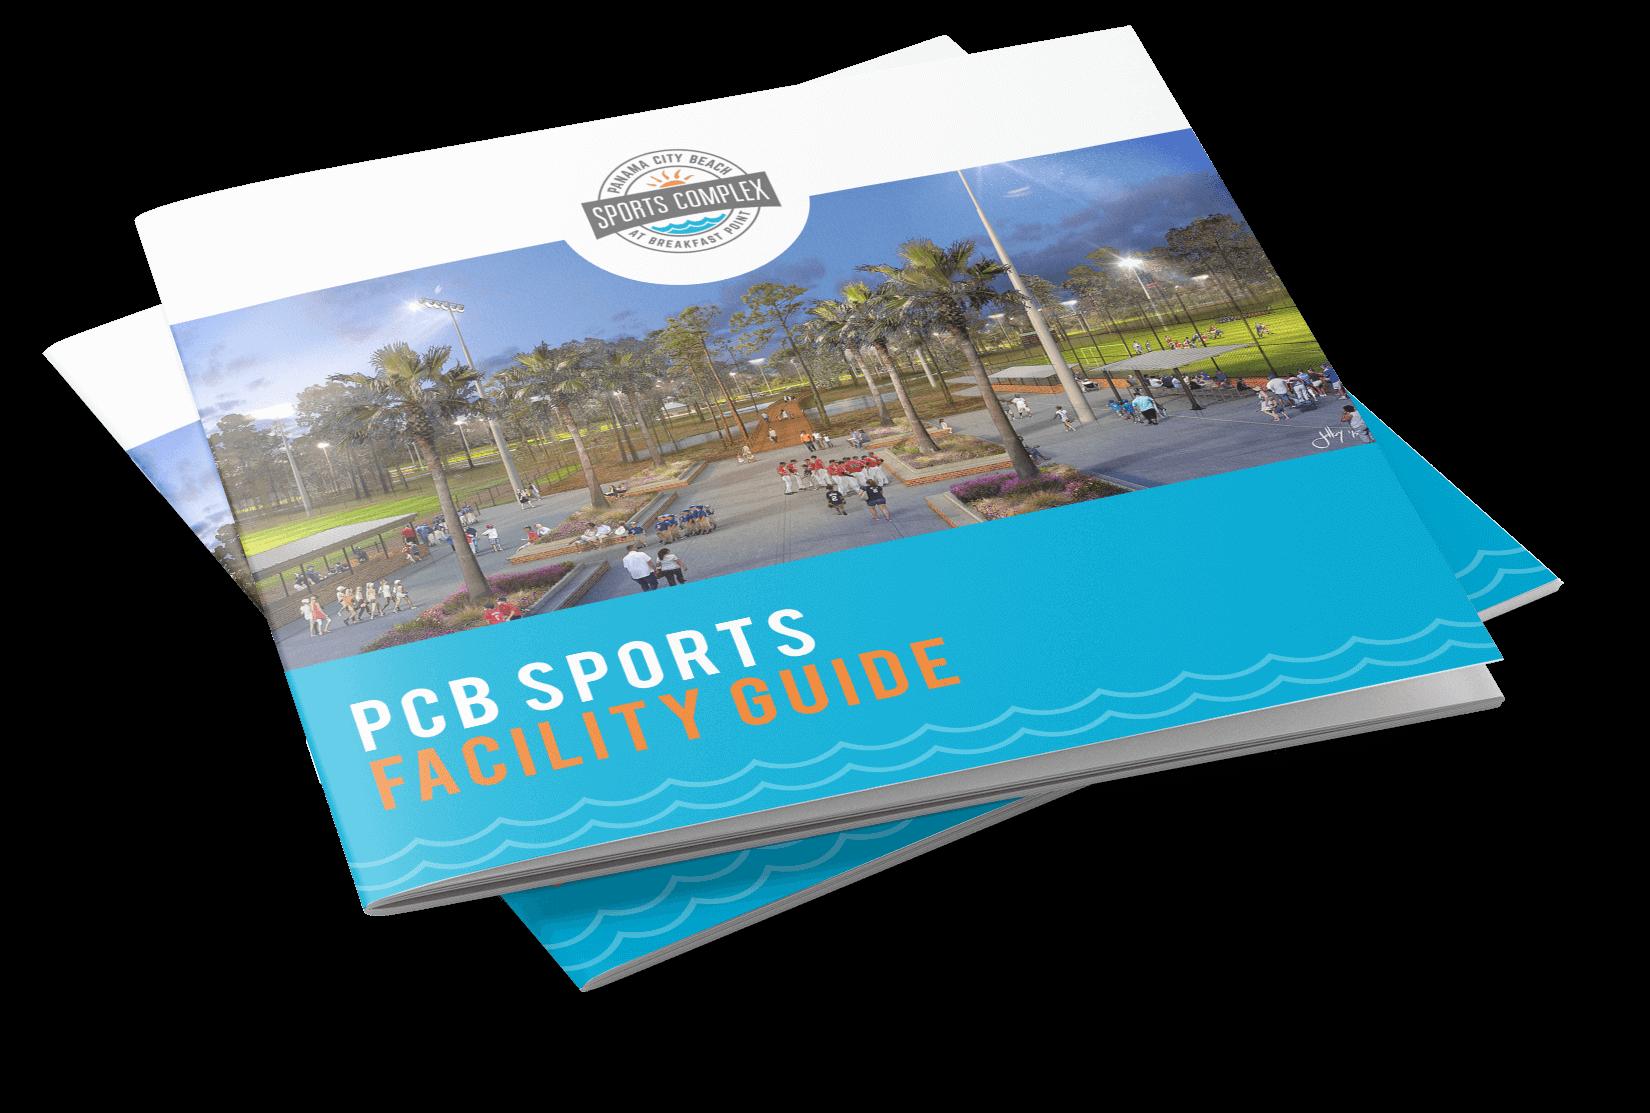 PCB Sports Facility Guide